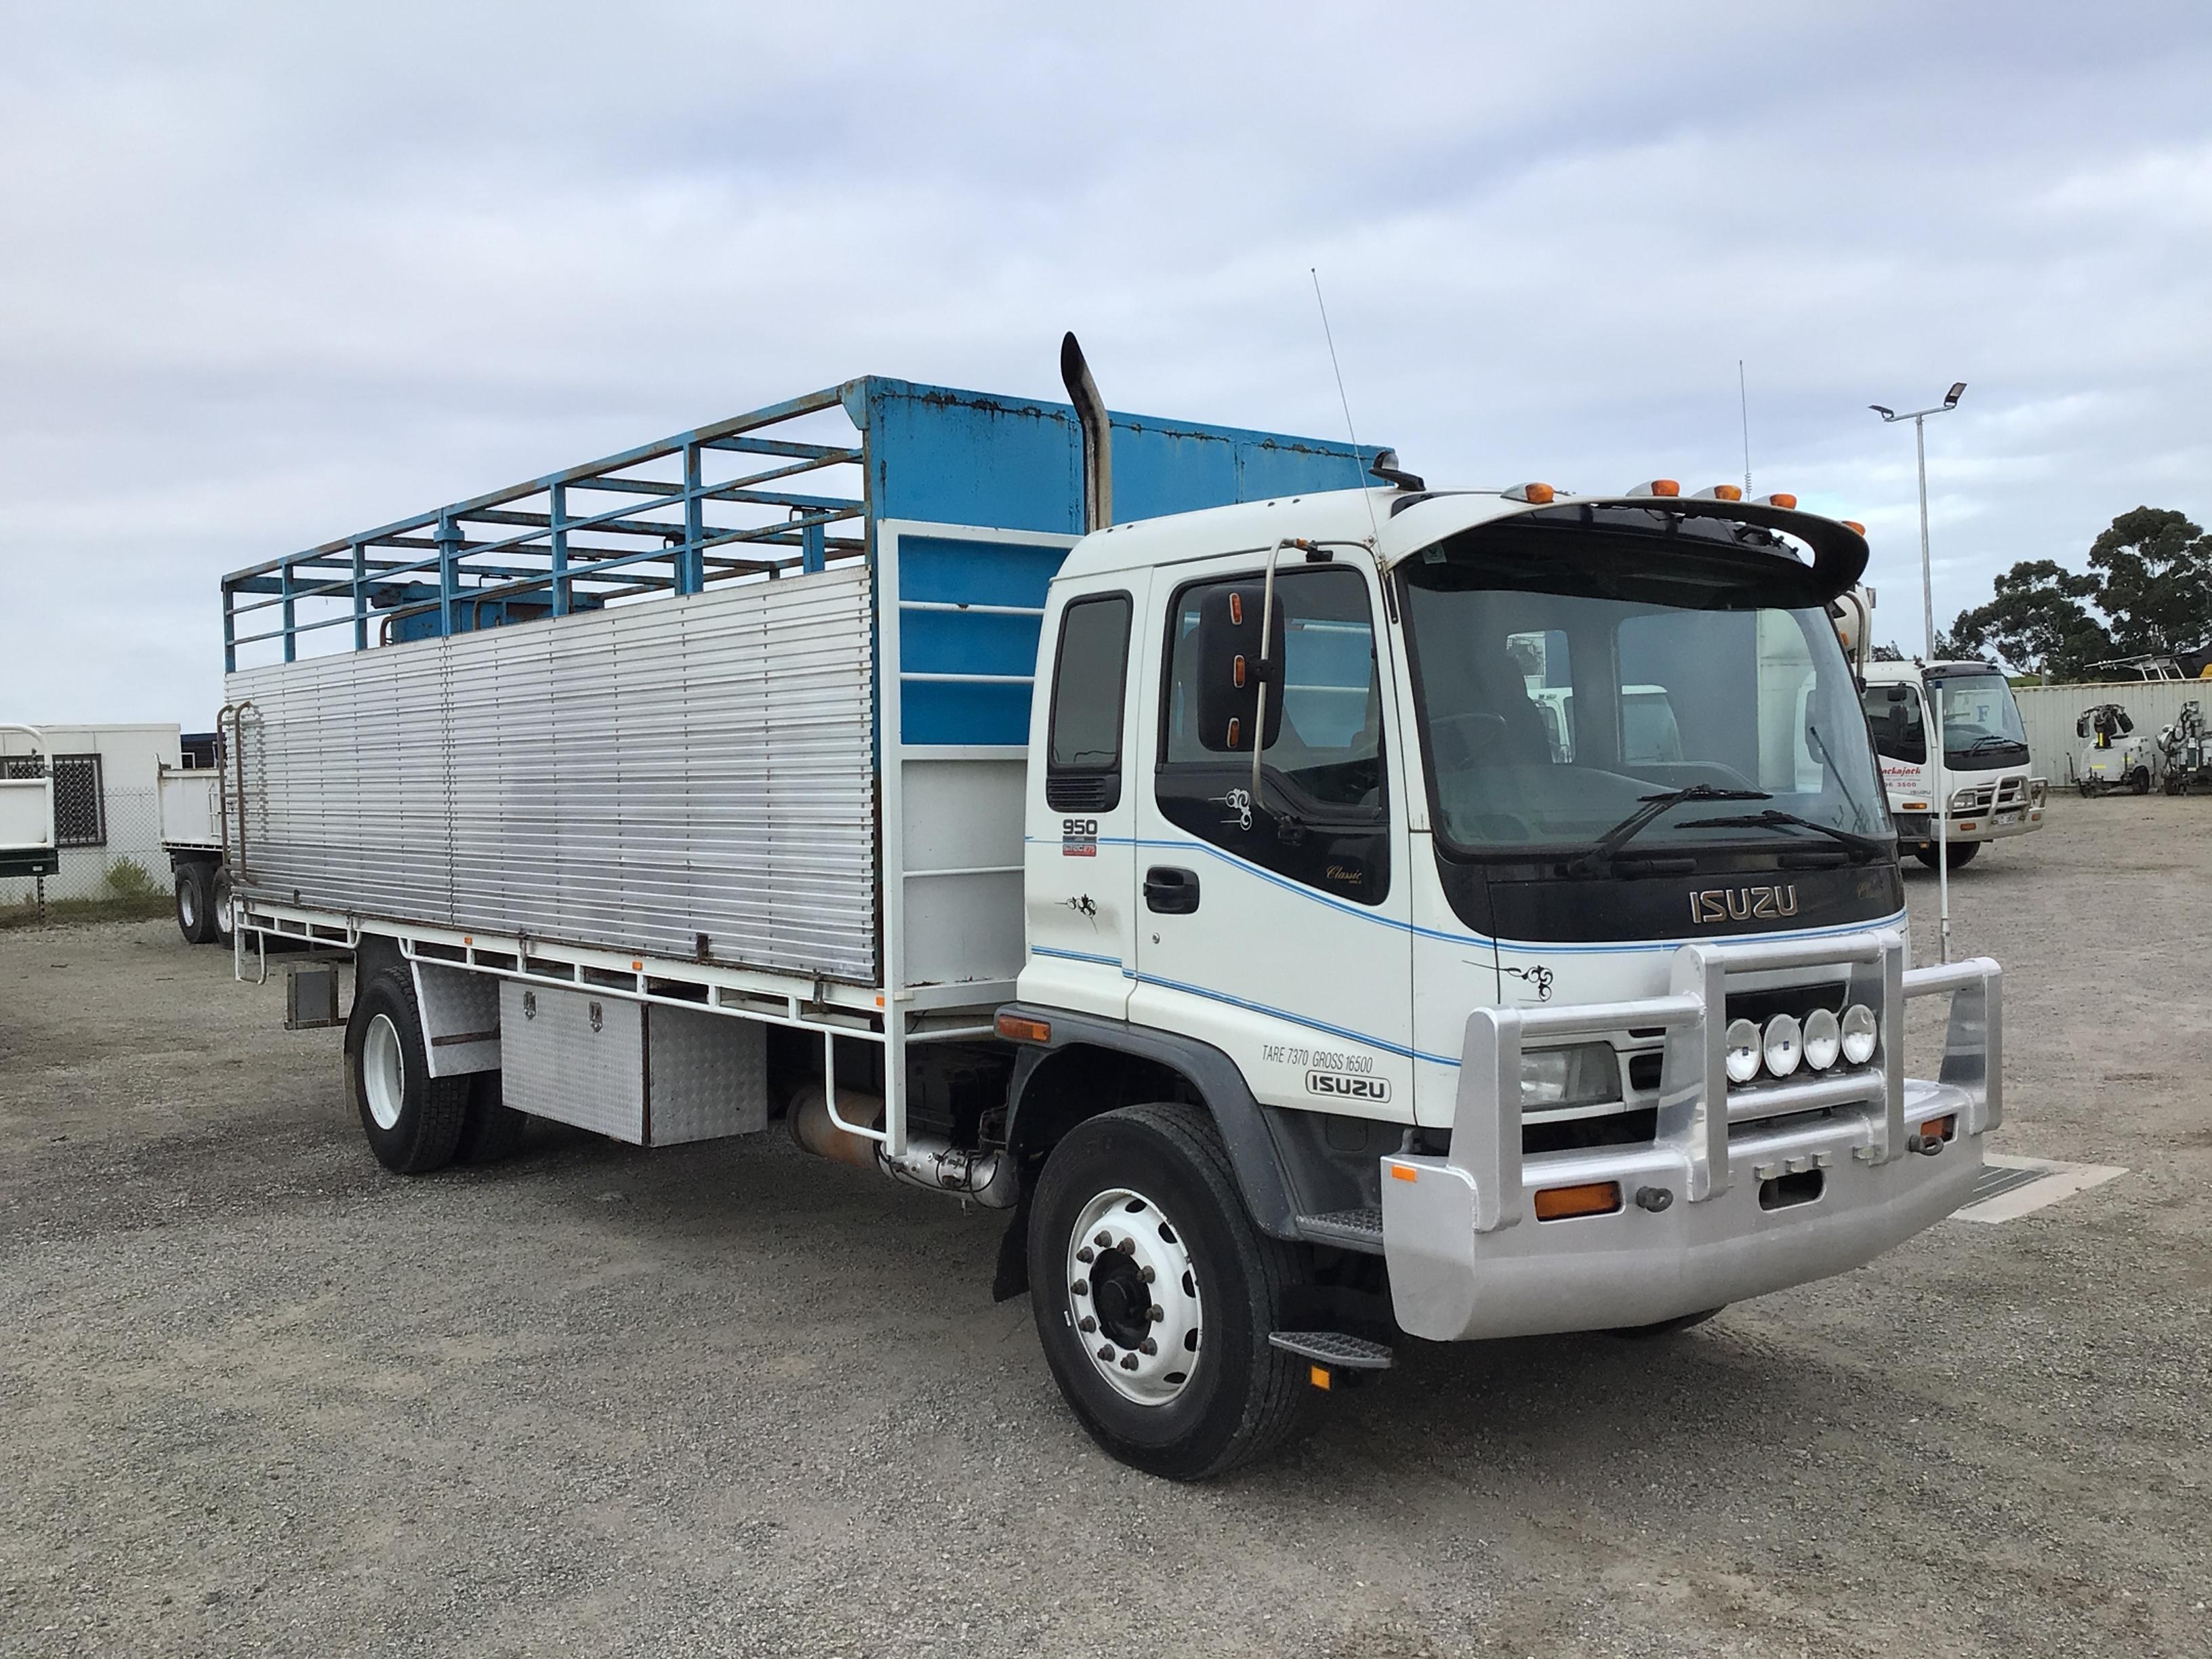 2004 Isuzu FVR 950 HD Long 4 x 2 Cattle Truck